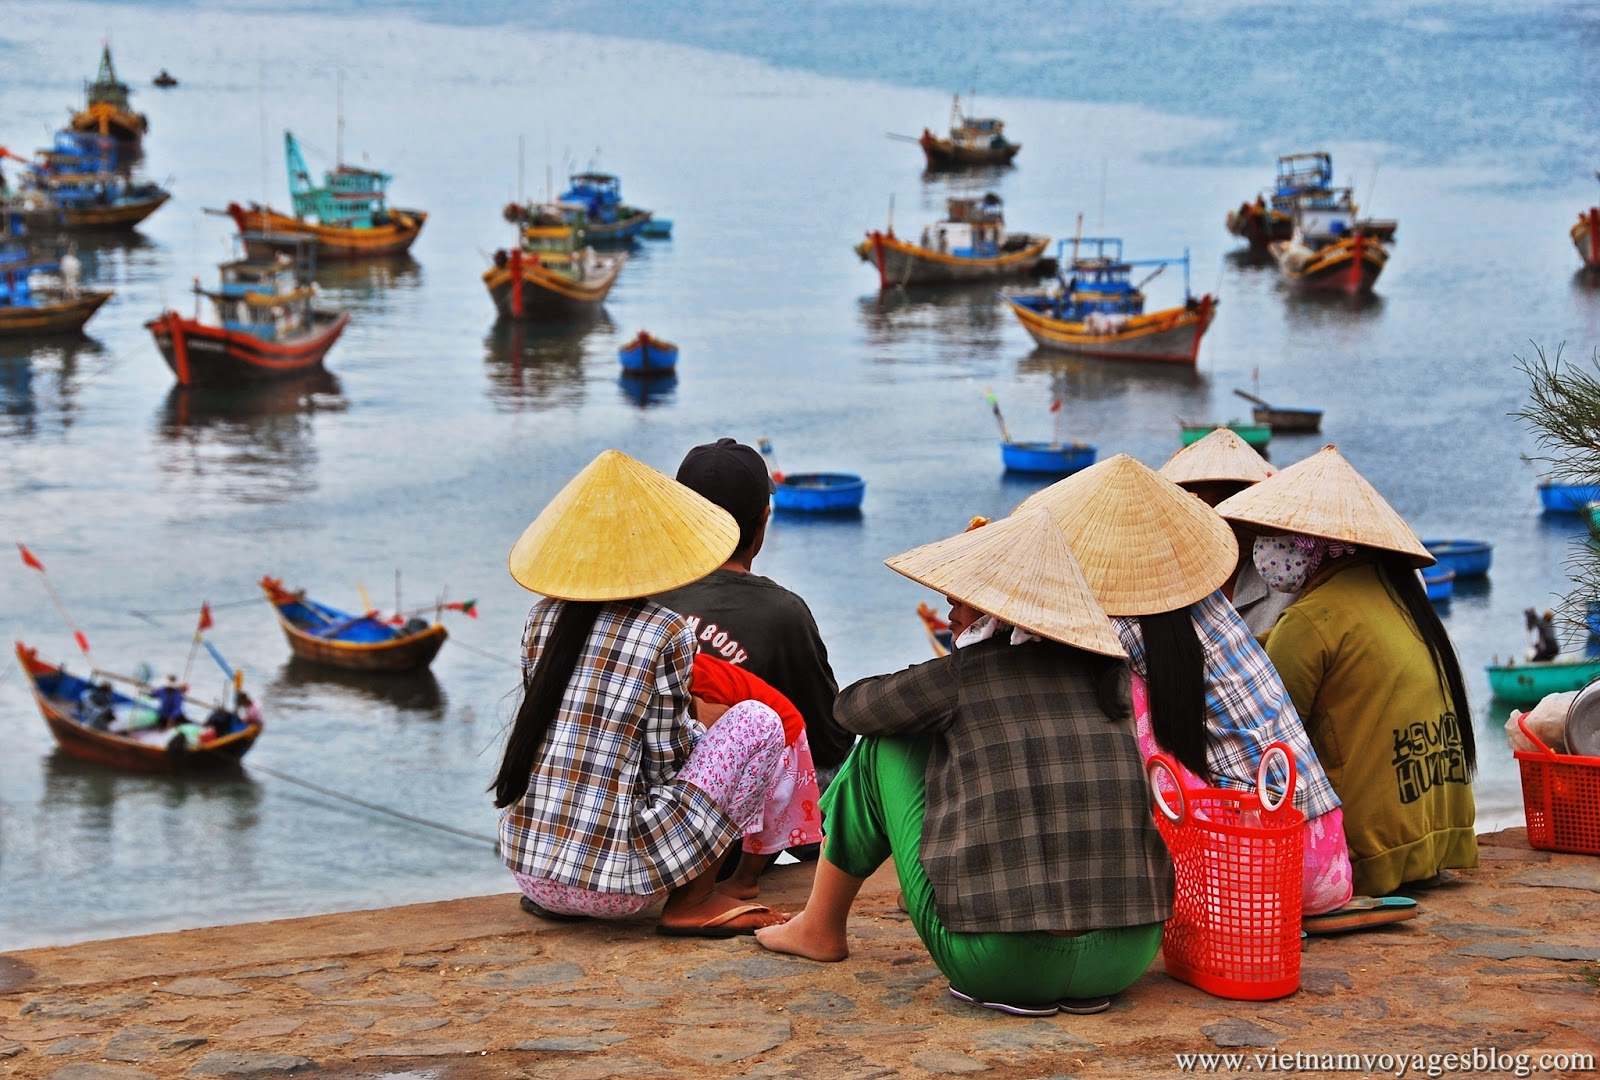 Phong cảnh làng chài ven biển tại Mũi Né, Phan Thiết